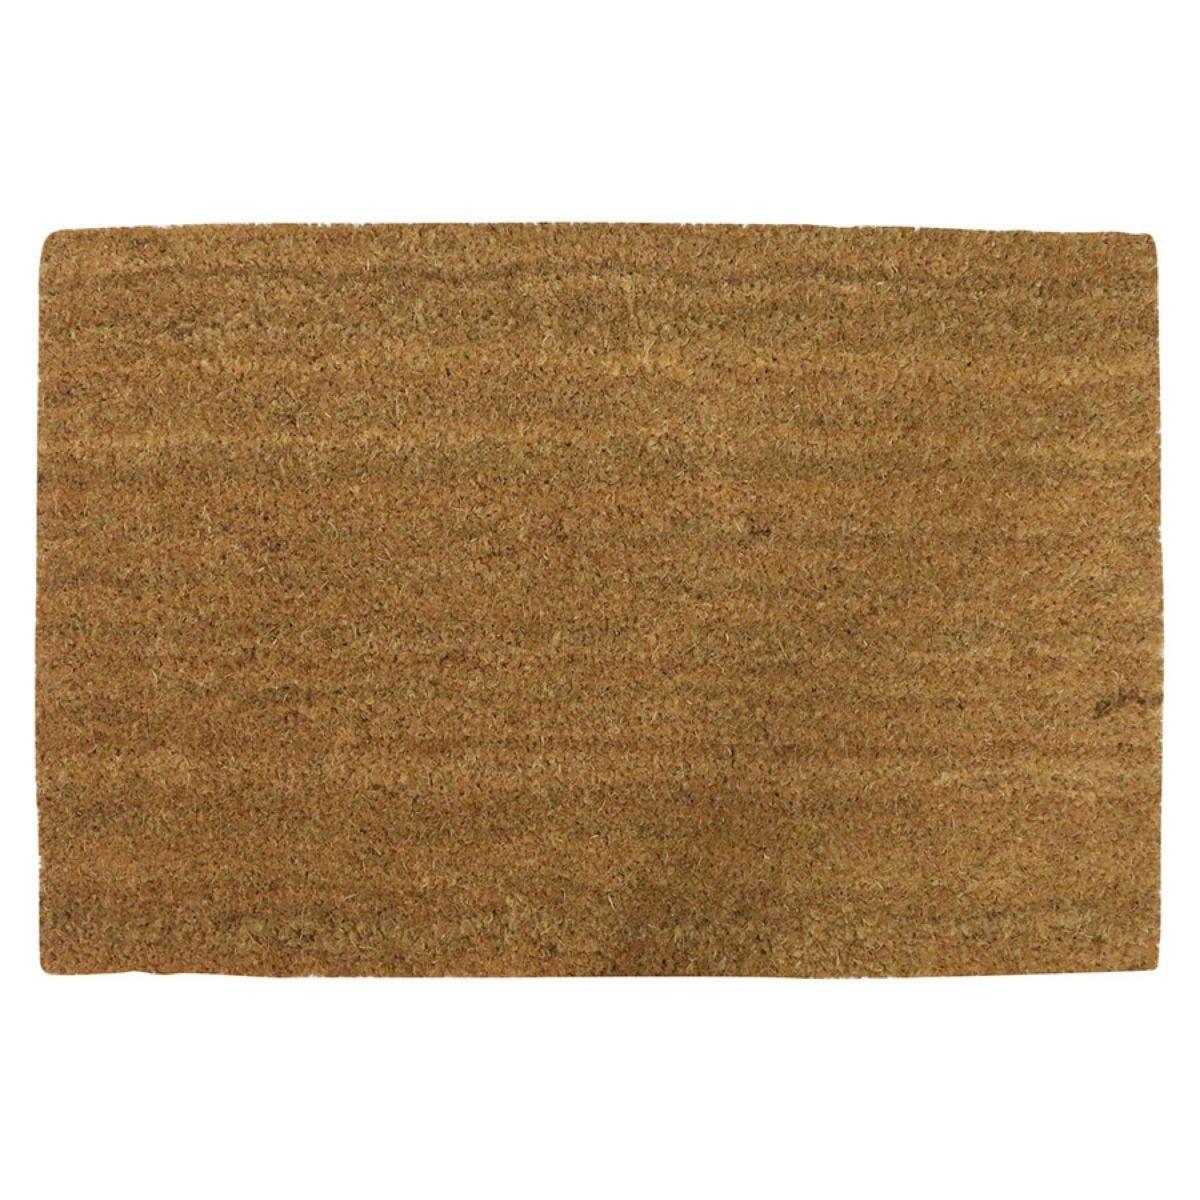 Home Essentials 40 x 60cm Coir Doormat - Natural